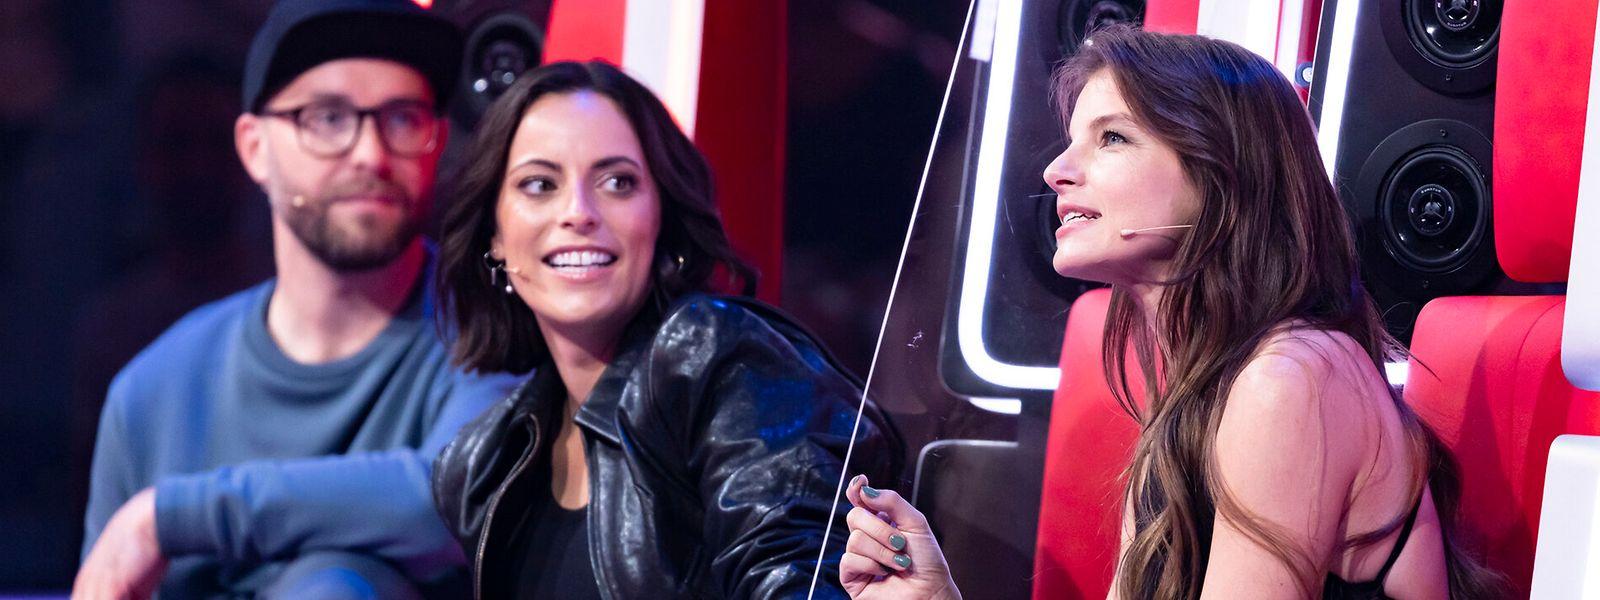 Yvonne Catterfeld (r.) teilt sich einen Coach-Stuhl mit Sängerin Stefanie Kloß (M.). Gemeinsam versuchen die beiden Künstlerinnen, ihren männlichen Jury-Kollegen, darunter Plaudertasche Mark Forster (l.), das Leben schwer zu machen.